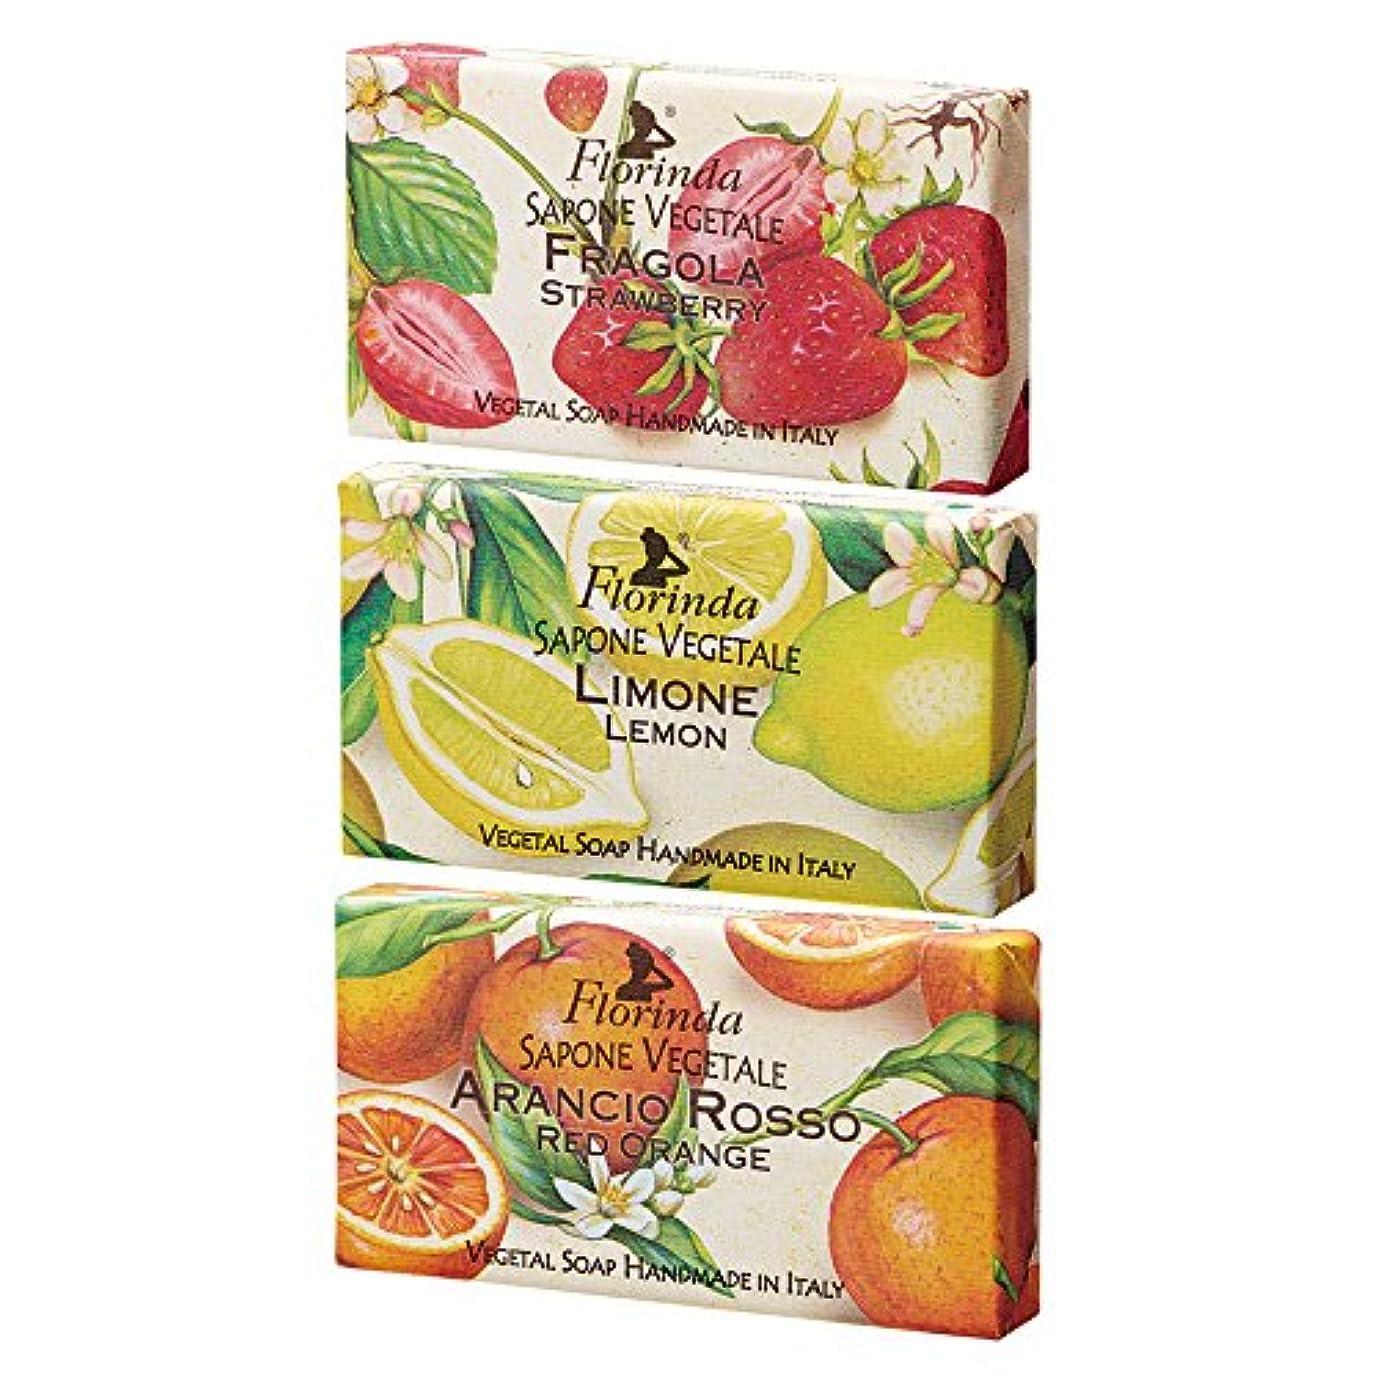 変更ジャンピングジャック乳製品イタリアお土産 フロリンダ フレグランスソープ 3種セット